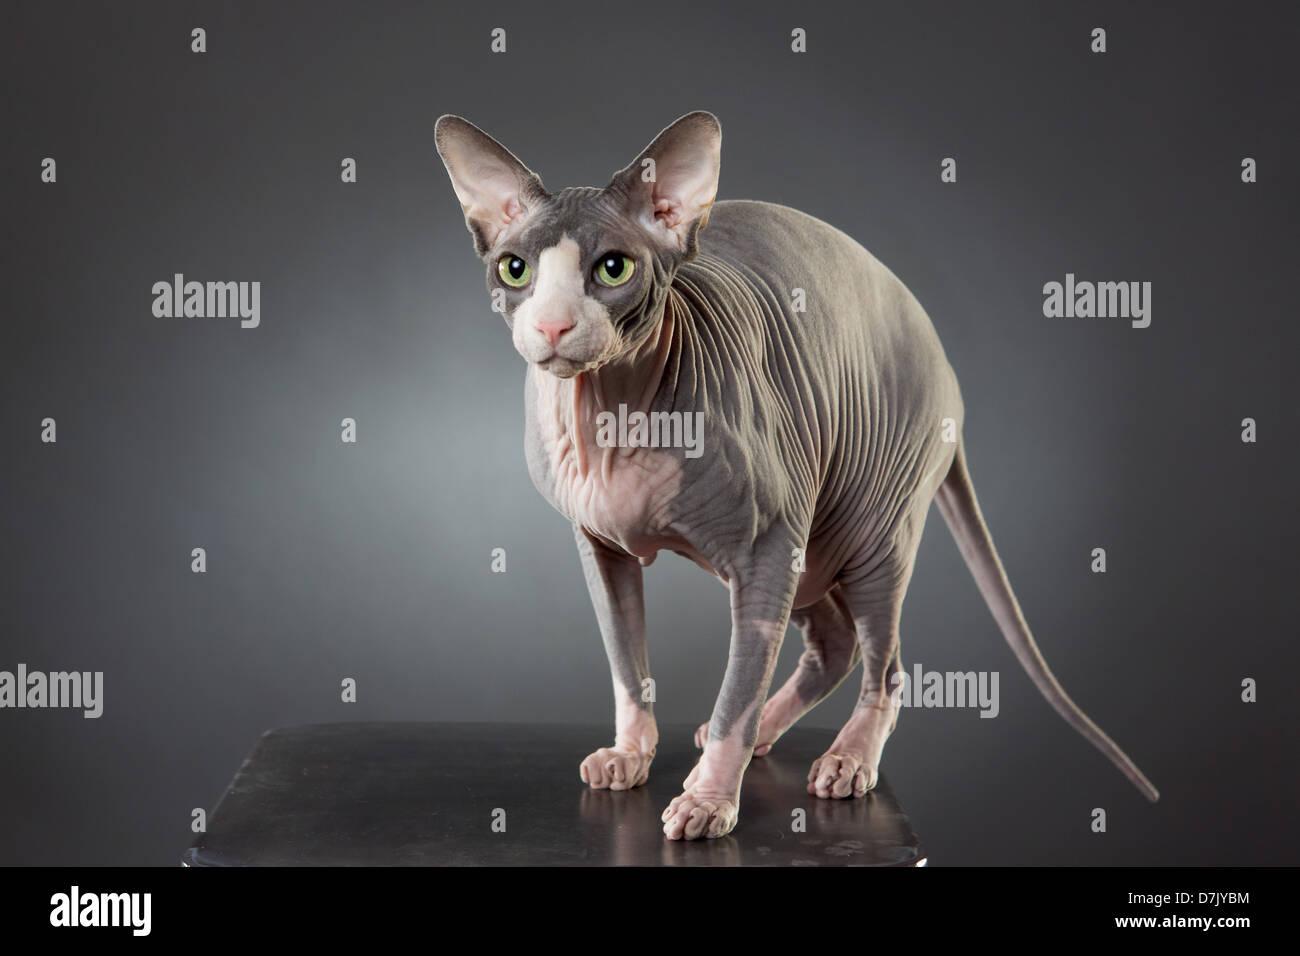 Portrait de l'alerte, gris pâle, glabre Sphinx cat standing posé en studio Photo Stock